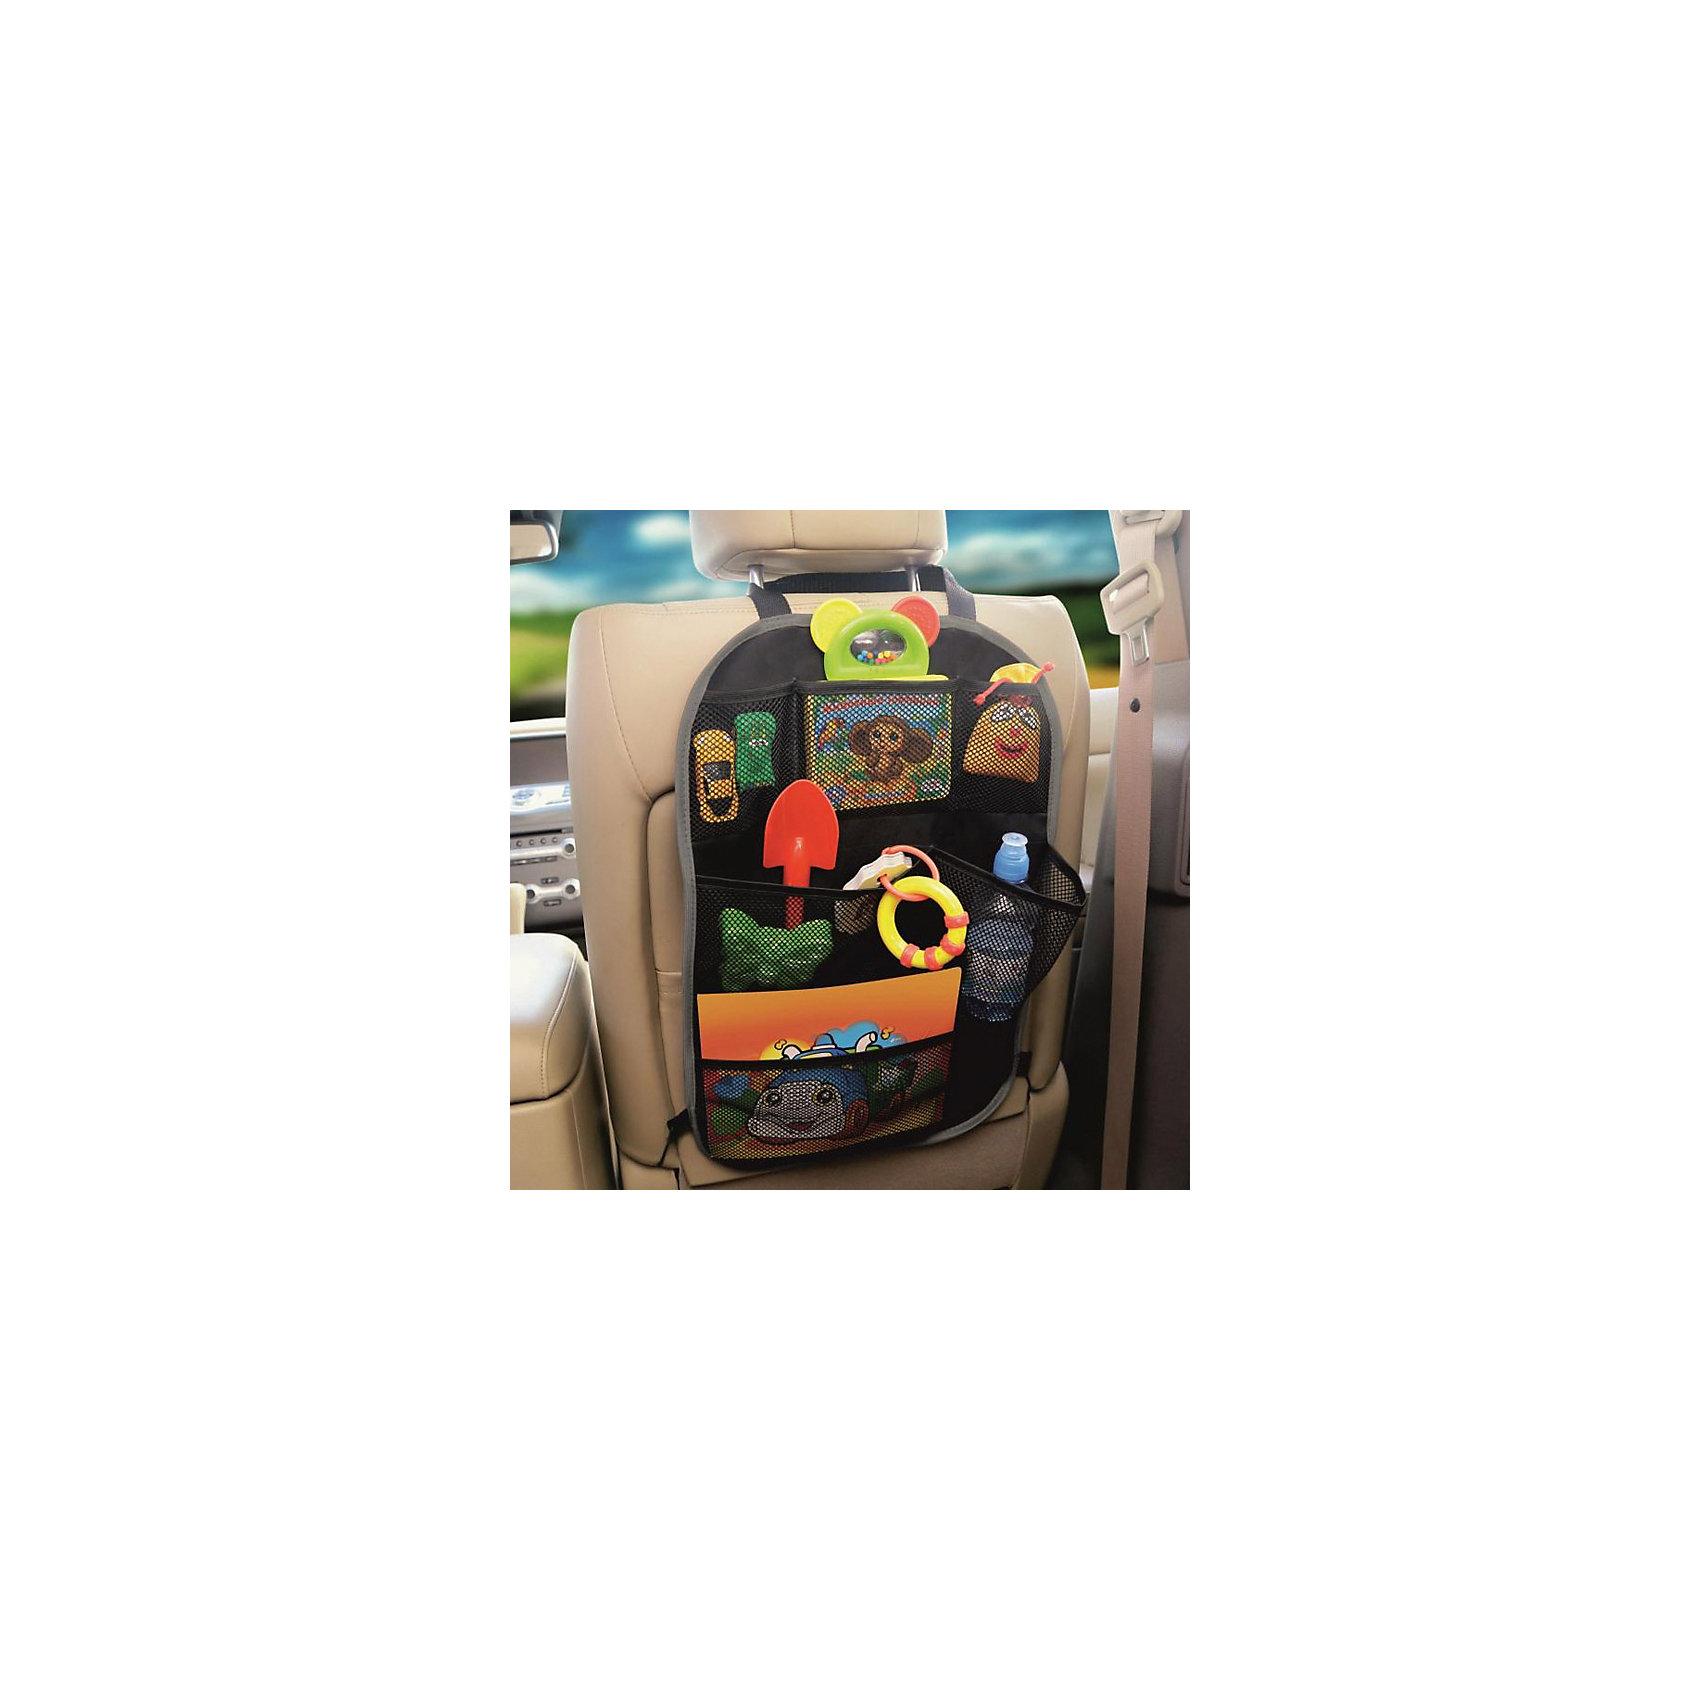 Органайзер на спинку сиденья ORG-3 с сетчатыми карманами, SigerАксессуары<br>Органайзер на спинку сиденья ORG-3 с сетчатыми карманами, Siger<br><br>Характеристики:<br><br>- материал: полиэстер<br>- 6 сетчатых карманов<br>- крепления: брезентовые ремни на липучках, эластичный регулируемый шнурок <br>- размер: 55 * 1 * 35 см.<br>- размер упаковки: 22 * 4 * 25 см.<br>- максимальная нагрузка: 3 кг.<br>- вес: 300 гр.<br><br>Практичный органайзер для автомобиля от российского бренда Siger (Сайгер) станет незаменимым аксессуаром в поездке. Непромокаемый полиэстер защищает органайзер от загрязнений, а классический и практичный черный цвет подойдет к салону любого автомобиля. Органайзер содержит три небольших кармана для маленьких вещей, два больших кармана и один кармашек для бутылочки. Теперь каждая поездка может быть отлично организована и все необходимые для малыша вещи будут под рукой.<br><br>Органайзер на спинку сиденья ORG-3 с сетчатыми карманами, Siger (Сайгер) можно купить в нашем интернет-магазине.<br><br>Ширина мм: 250<br>Глубина мм: 220<br>Высота мм: 50<br>Вес г: 300<br>Возраст от месяцев: 0<br>Возраст до месяцев: 36<br>Пол: Унисекс<br>Возраст: Детский<br>SKU: 5176651